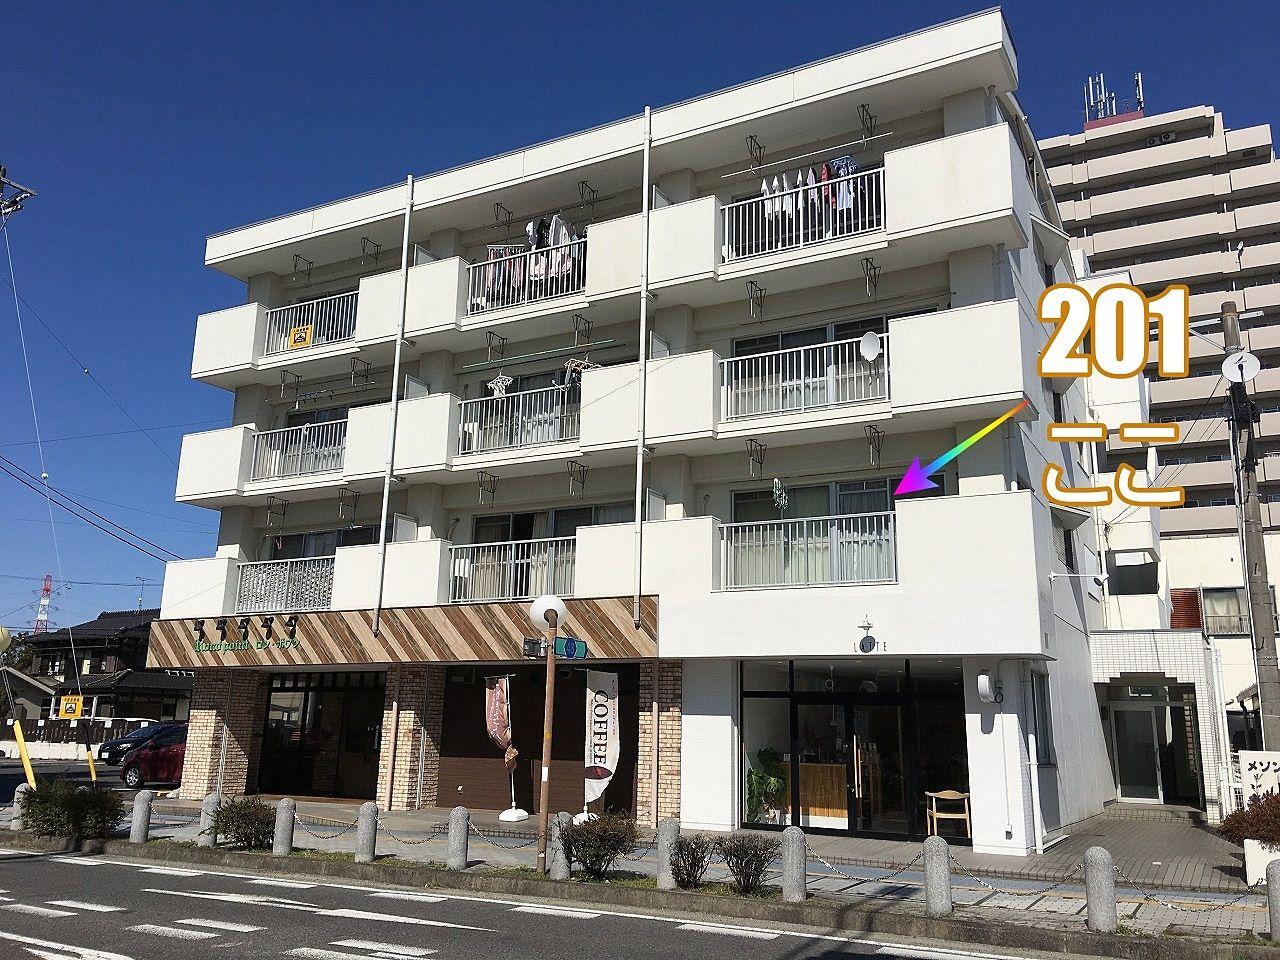 メゾン浅井201号‼(刈谷市)